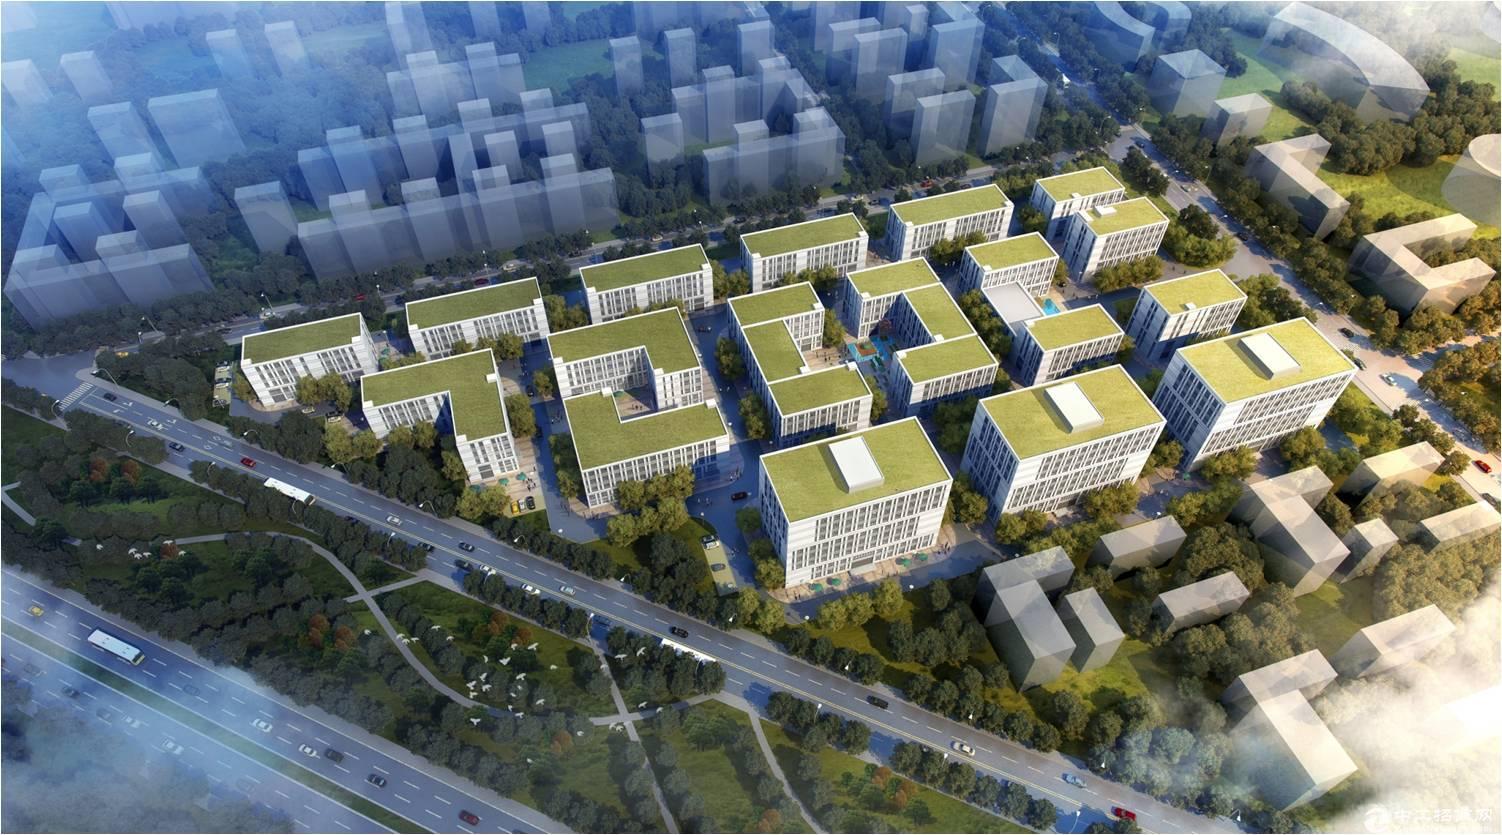 北京周边 能办理环评 4层研创独栋  面积1300~3300 有房本 京津腹地